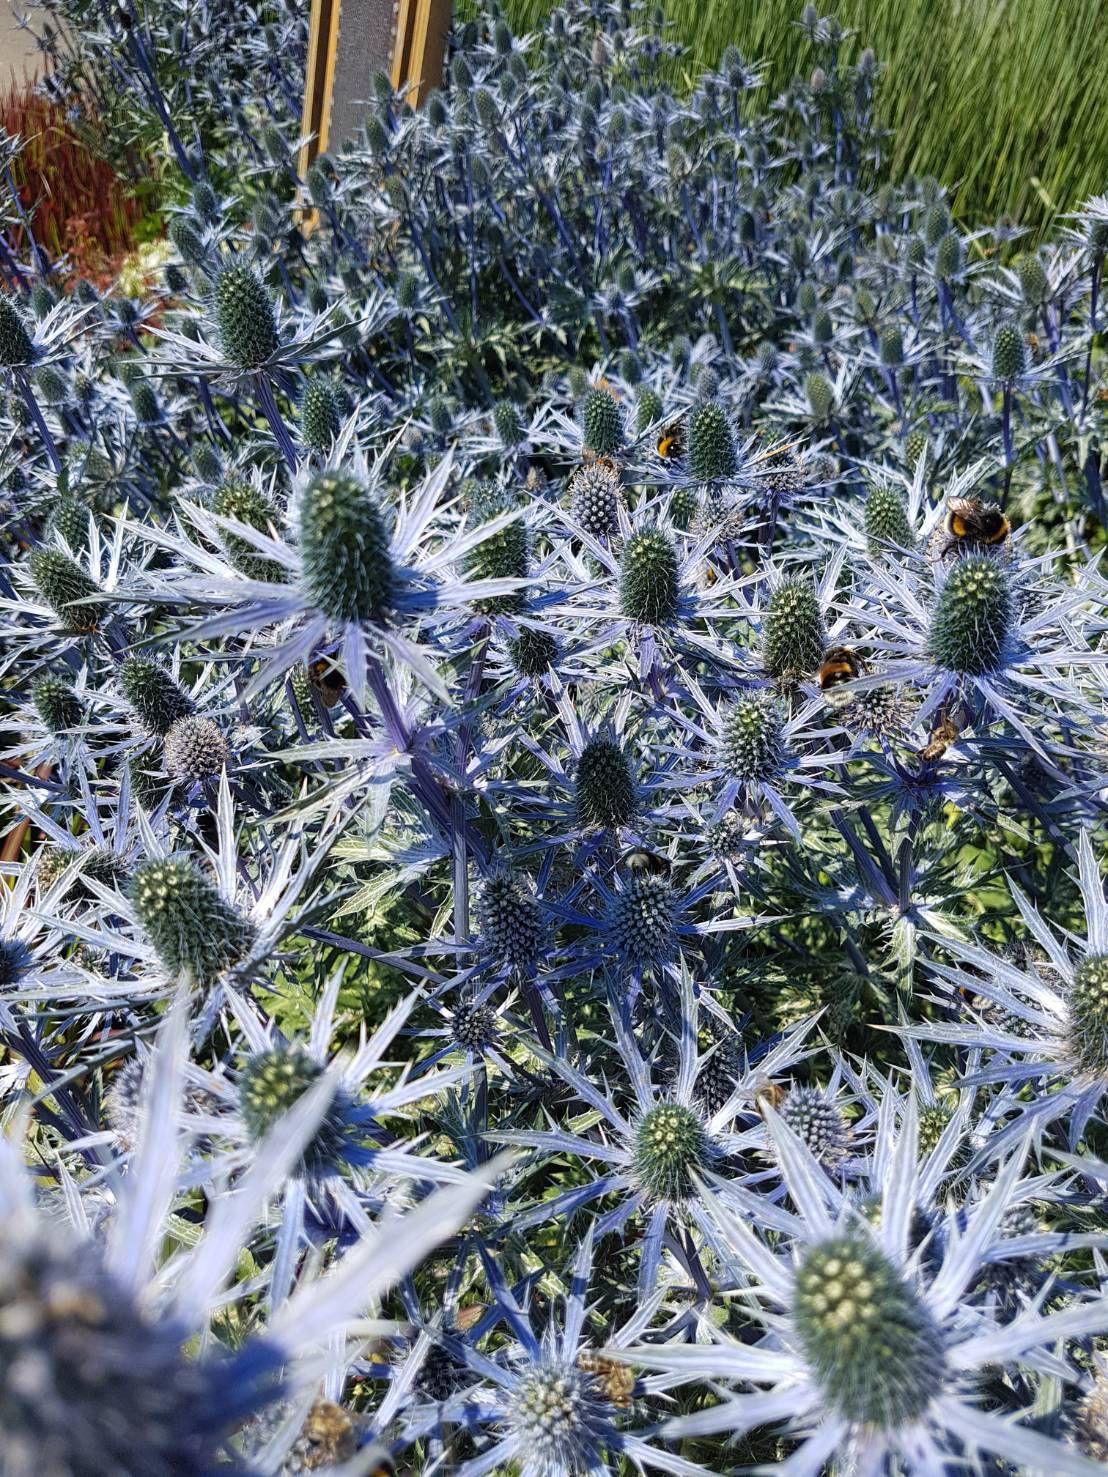 Edeldistel Eryngium Planum Gunstig Online Kaufen Pflanzen Edeldistel Pflanzen Bestellen